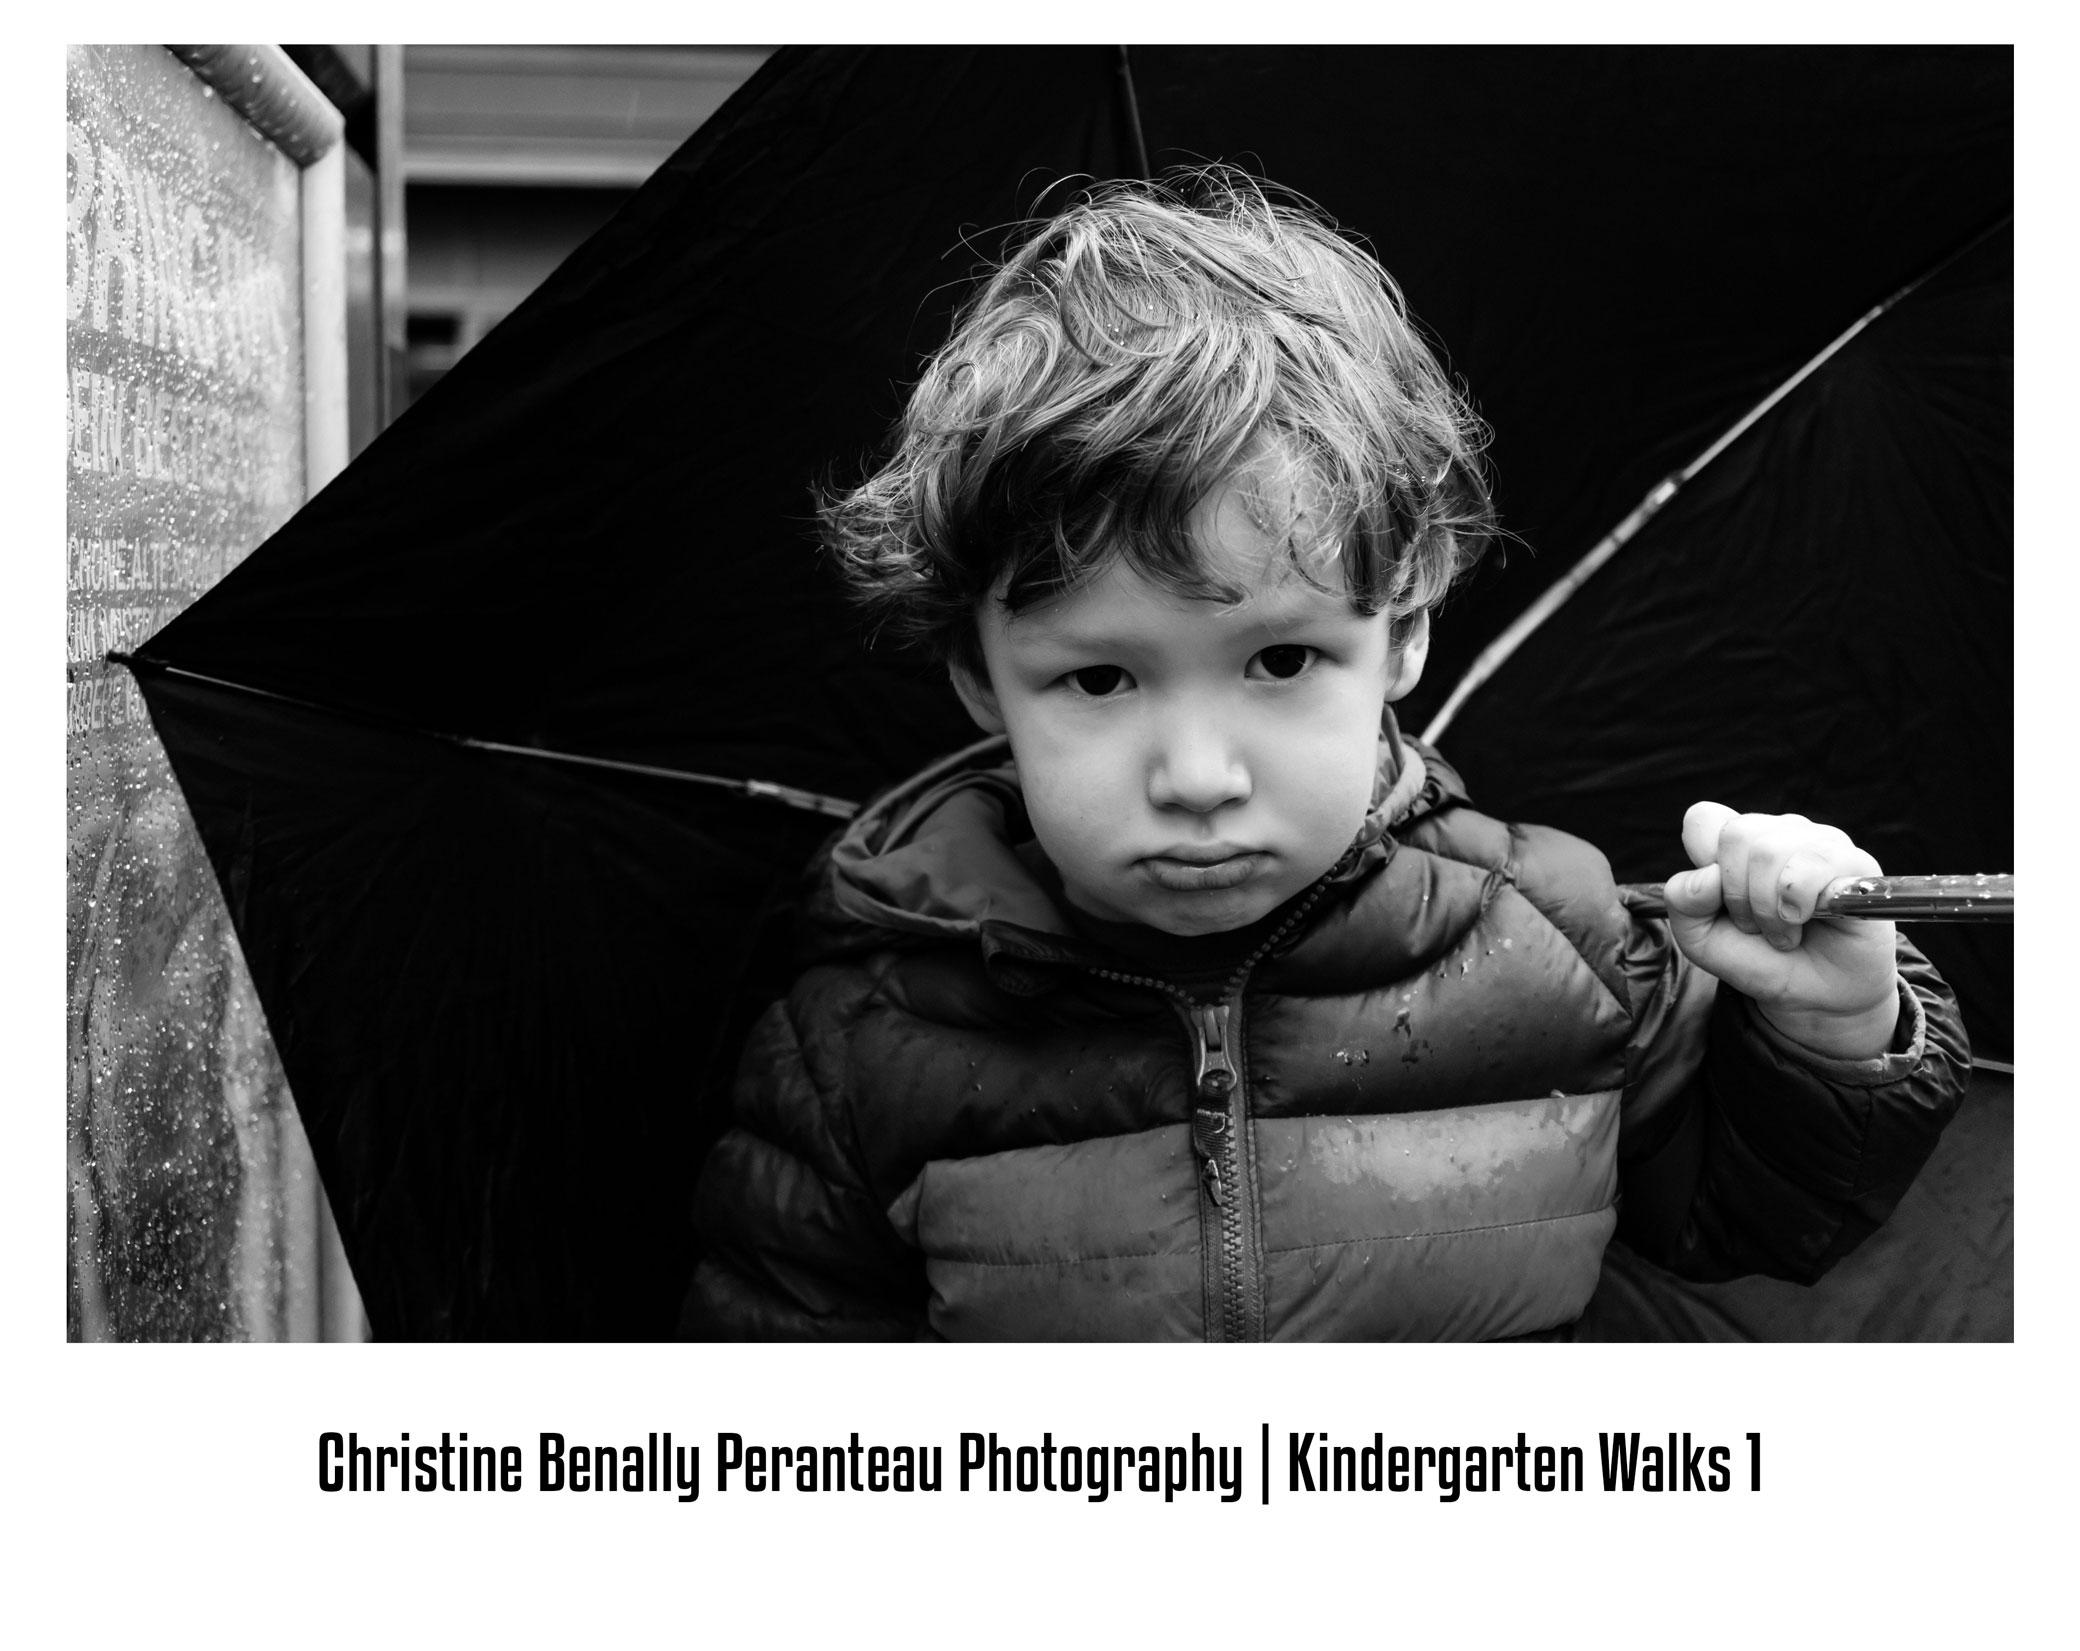 kindergarten walks 1